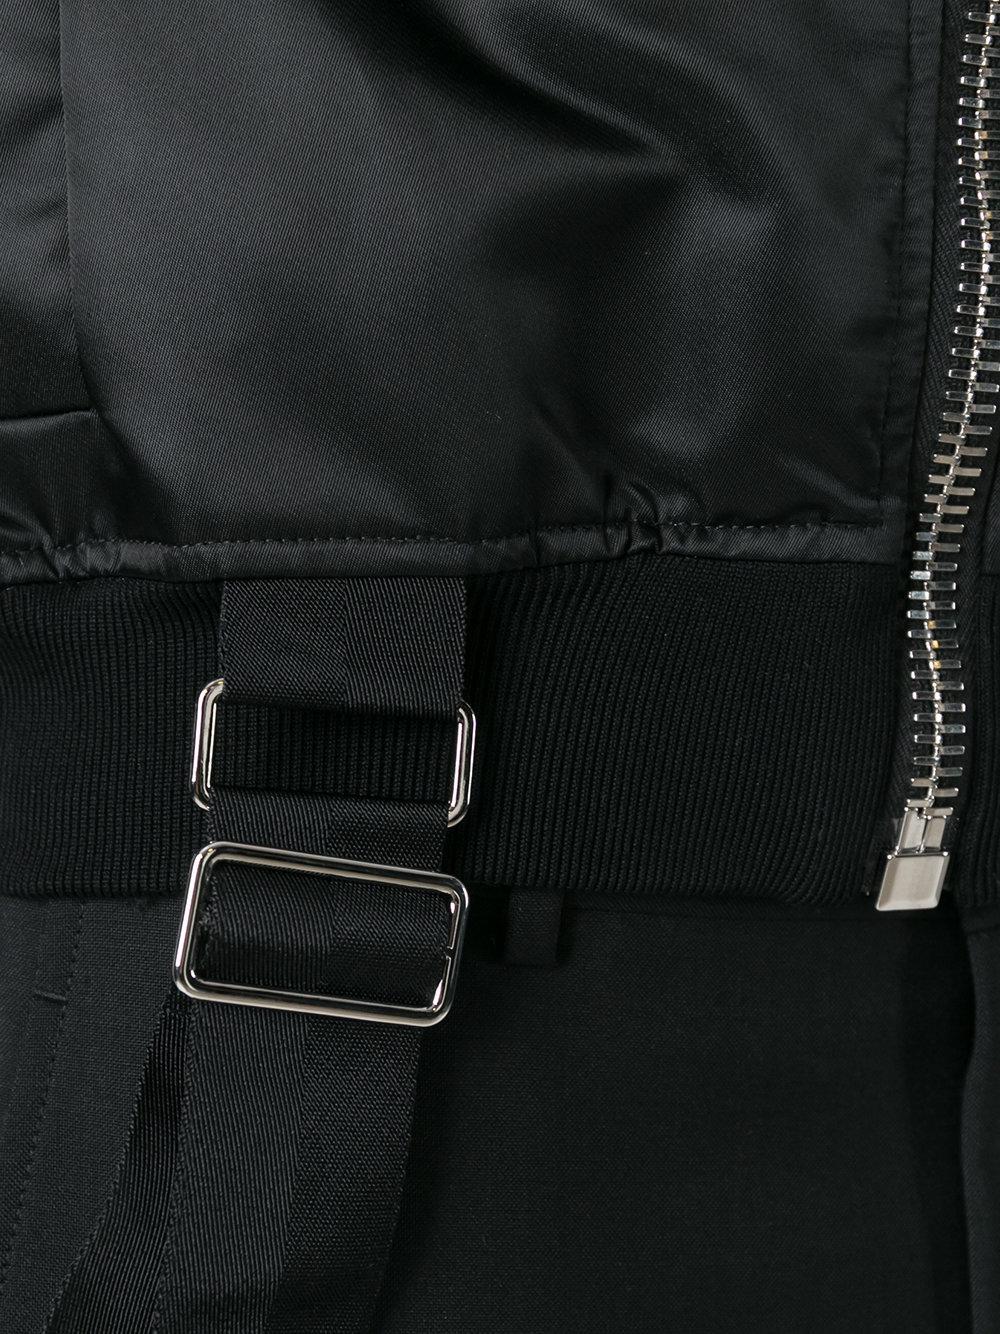 Les Hommes Cotton Strap Detail Bomber Jacket in Black for Men